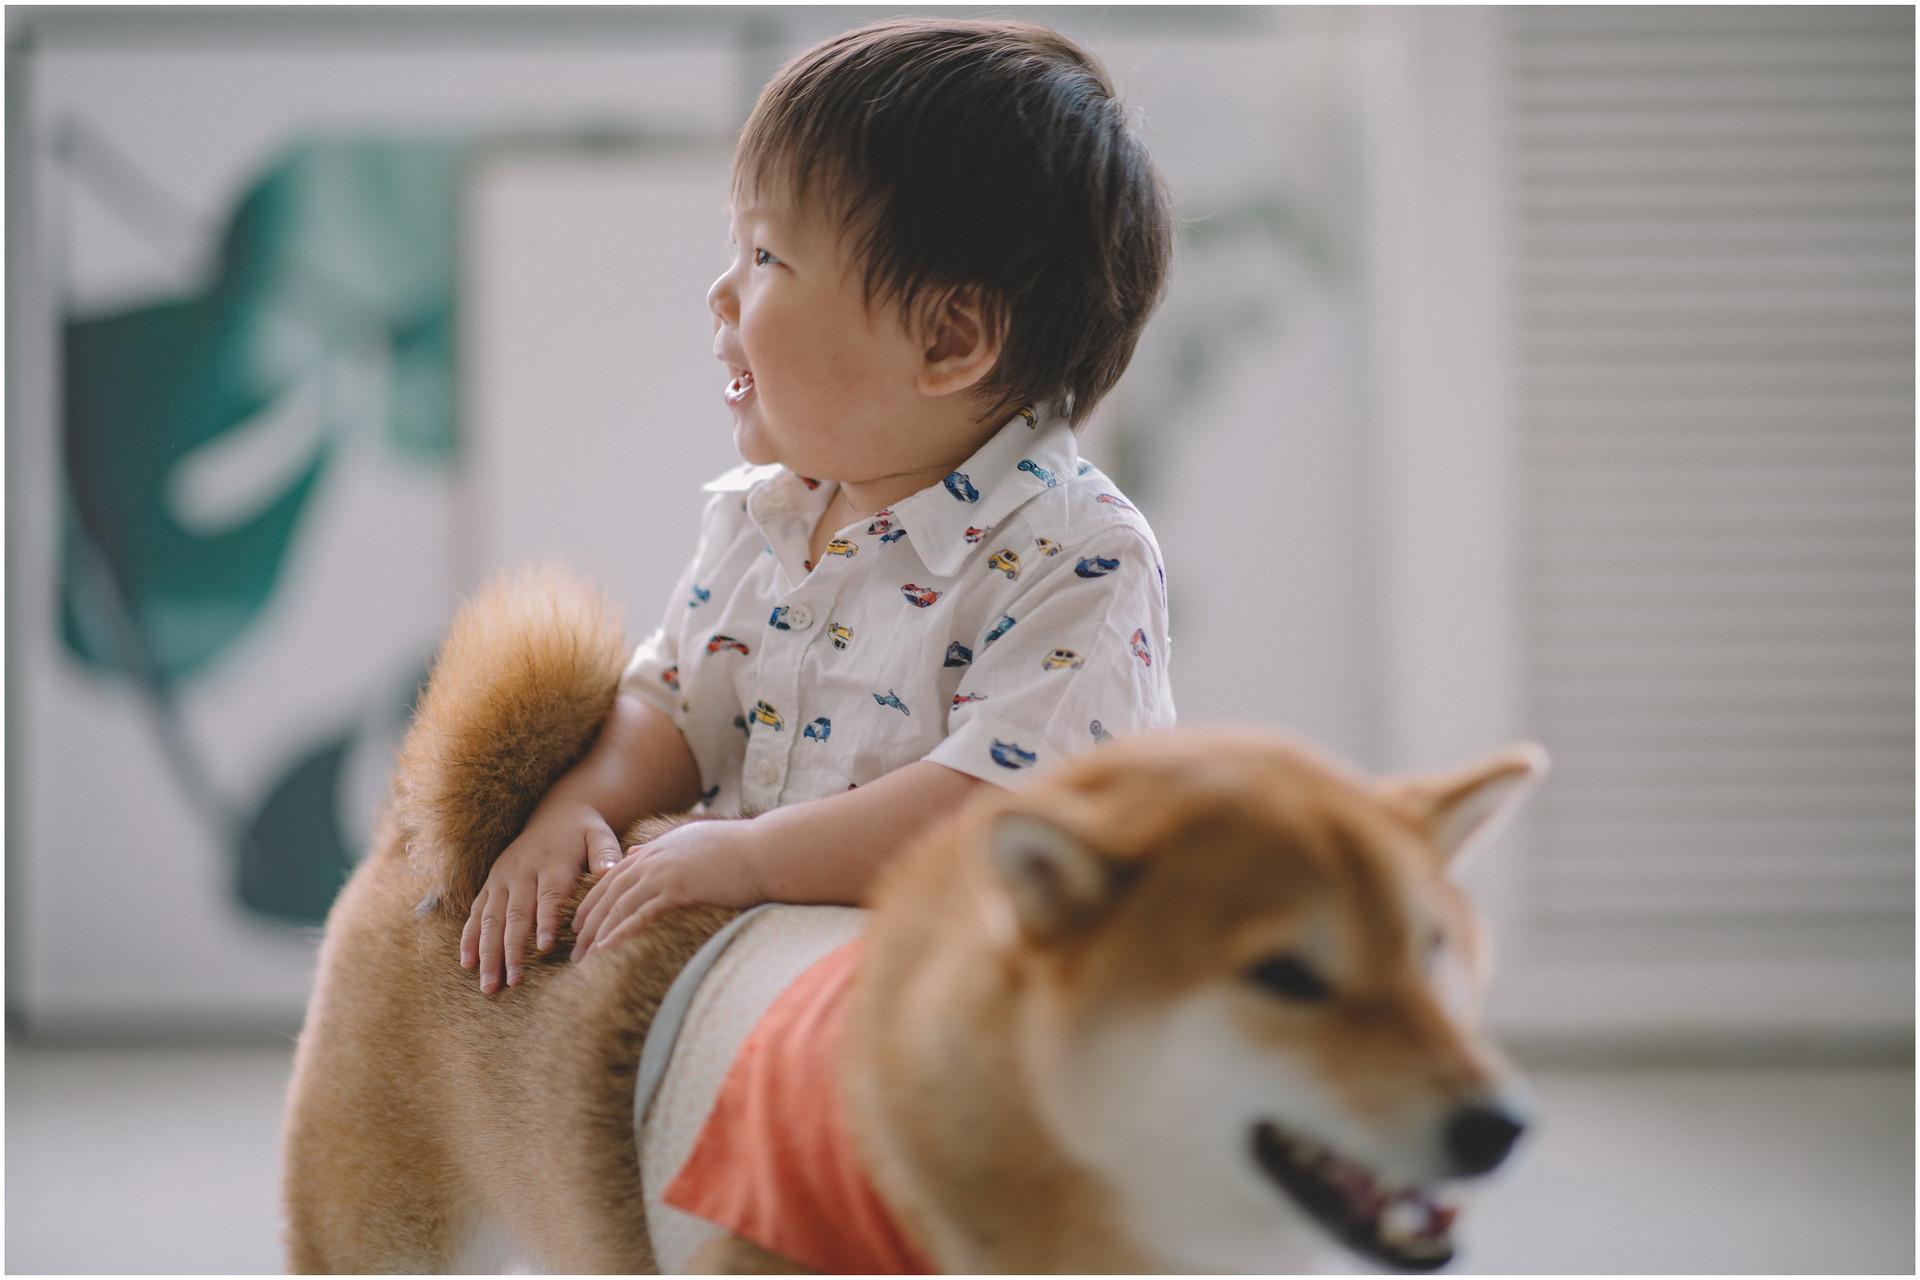 親子寫真 / 生日寫真 / 寵物寫真 / 寶寶寫真 / 全家福 / 素人寫真